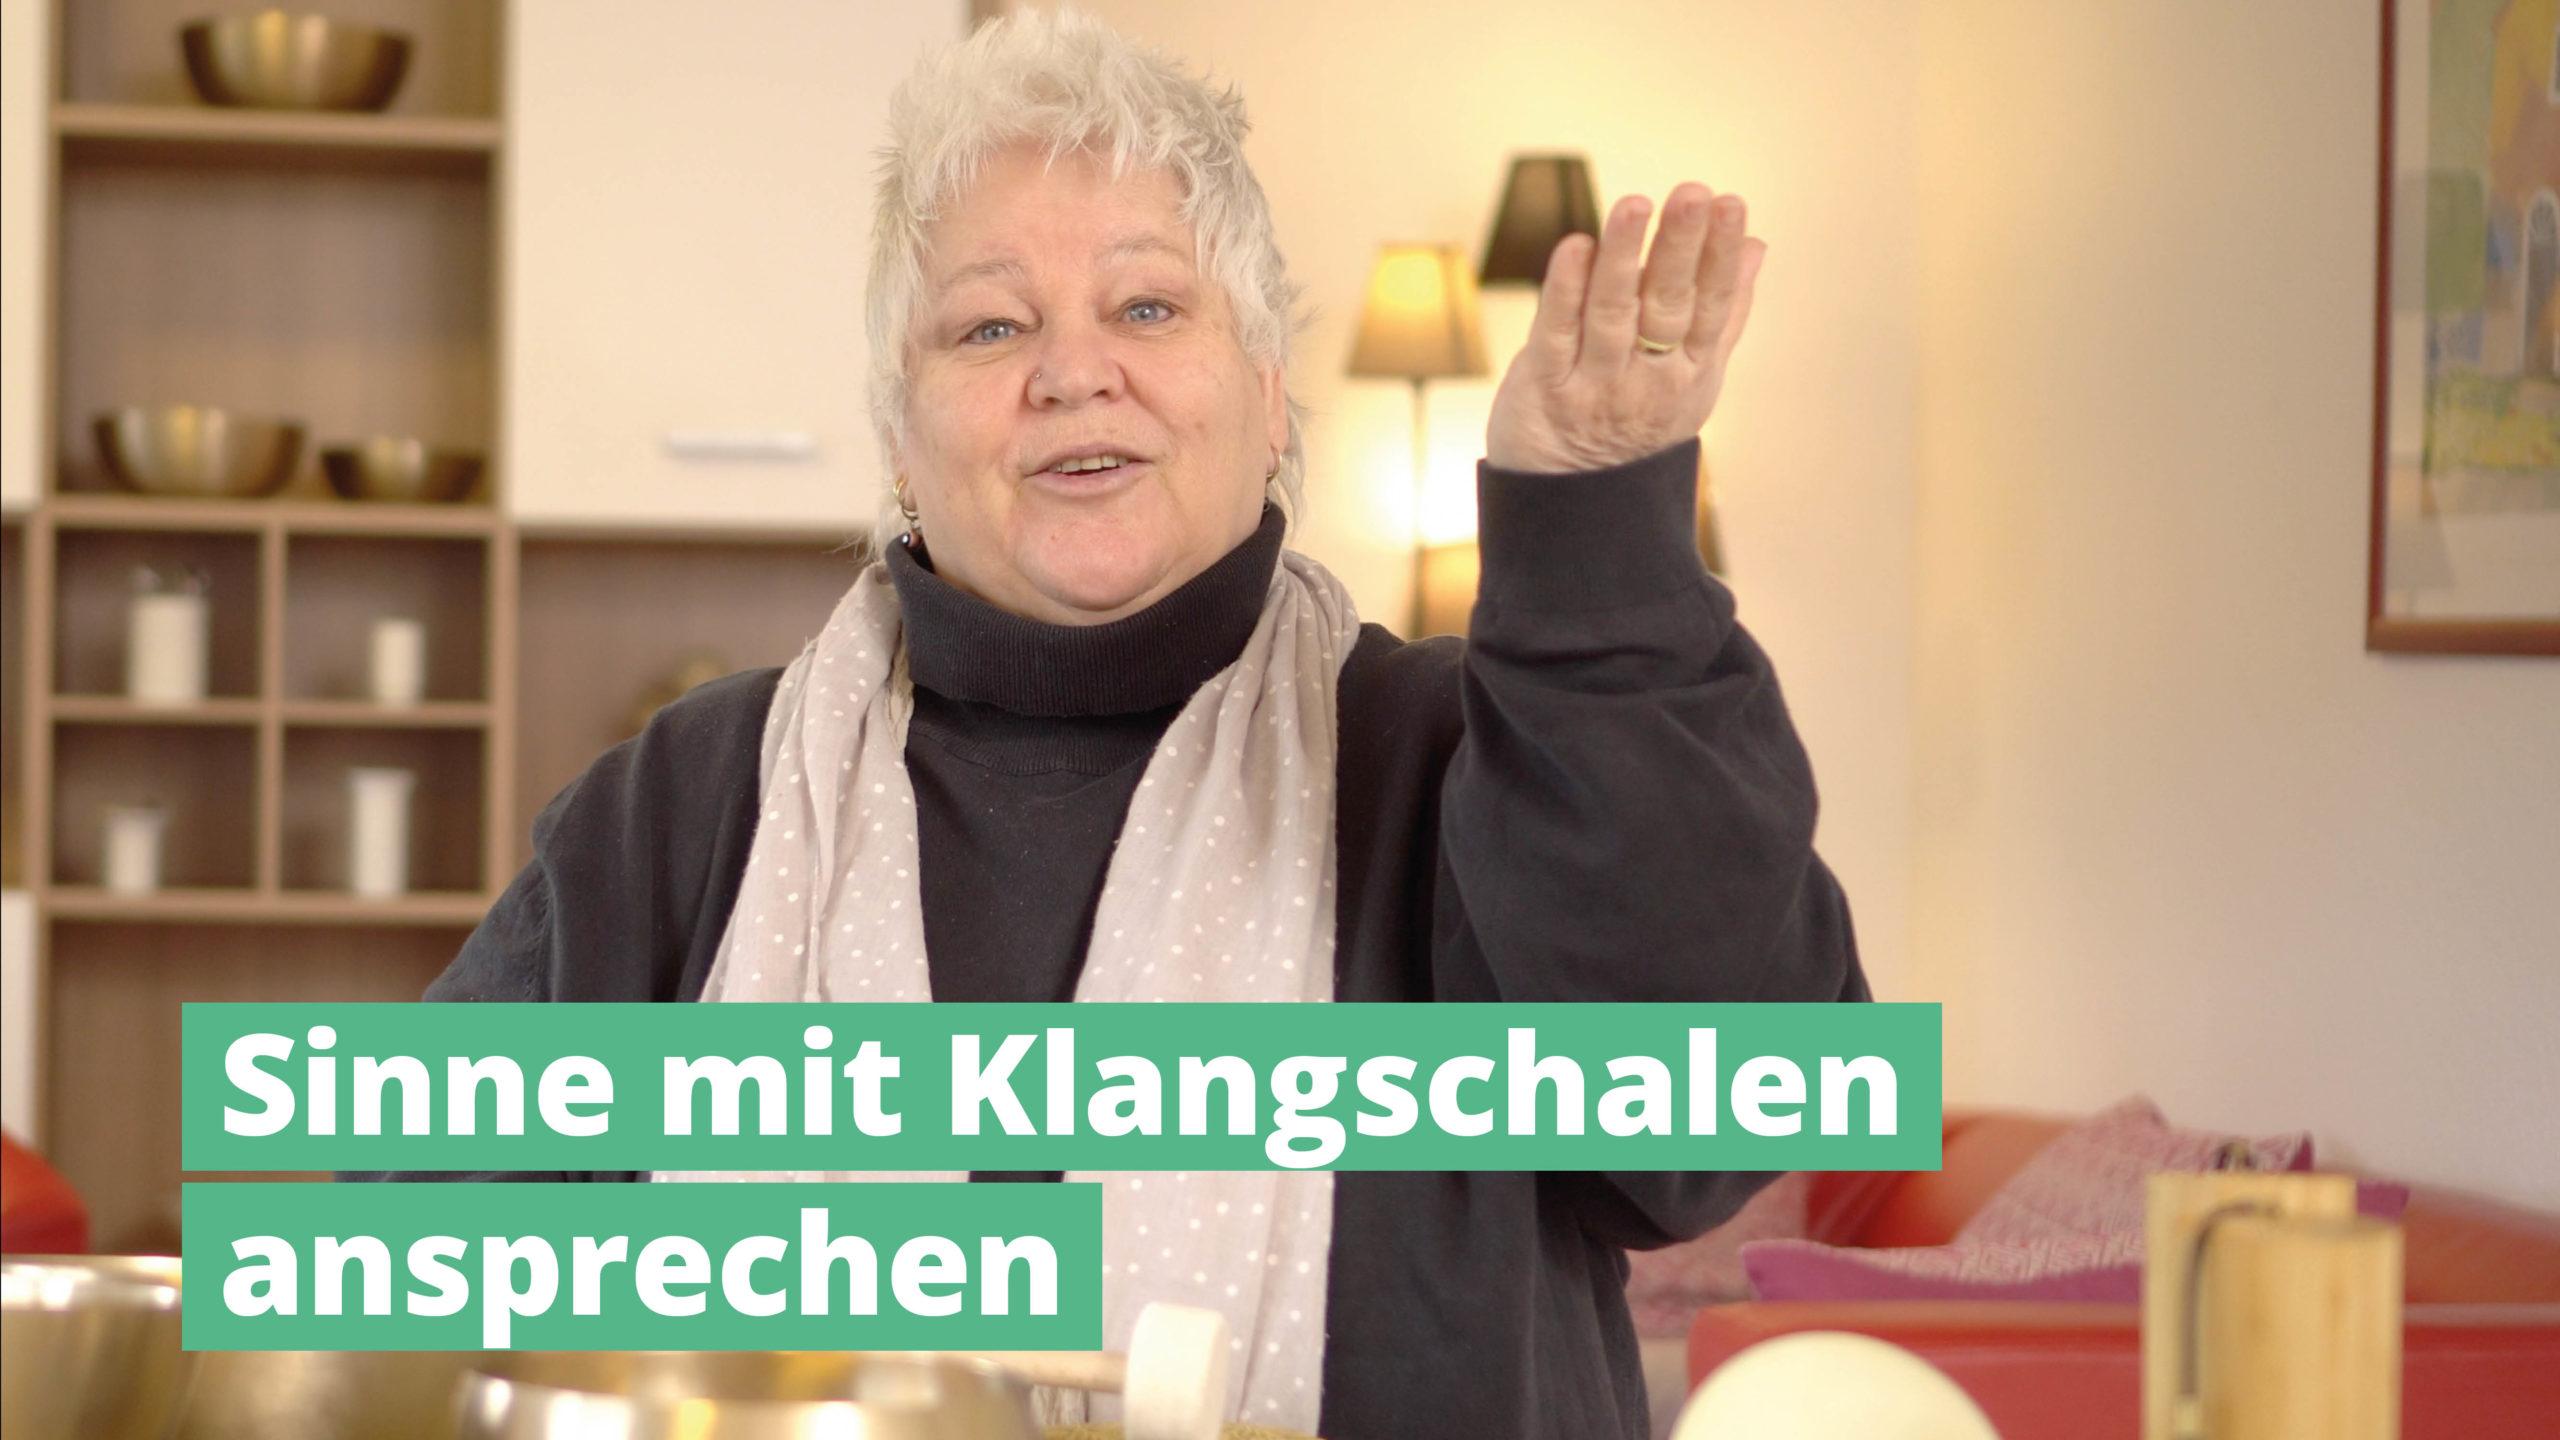 Sinne mit PeterHess Klangschalen ansprechen Wir Sind Altenpflege